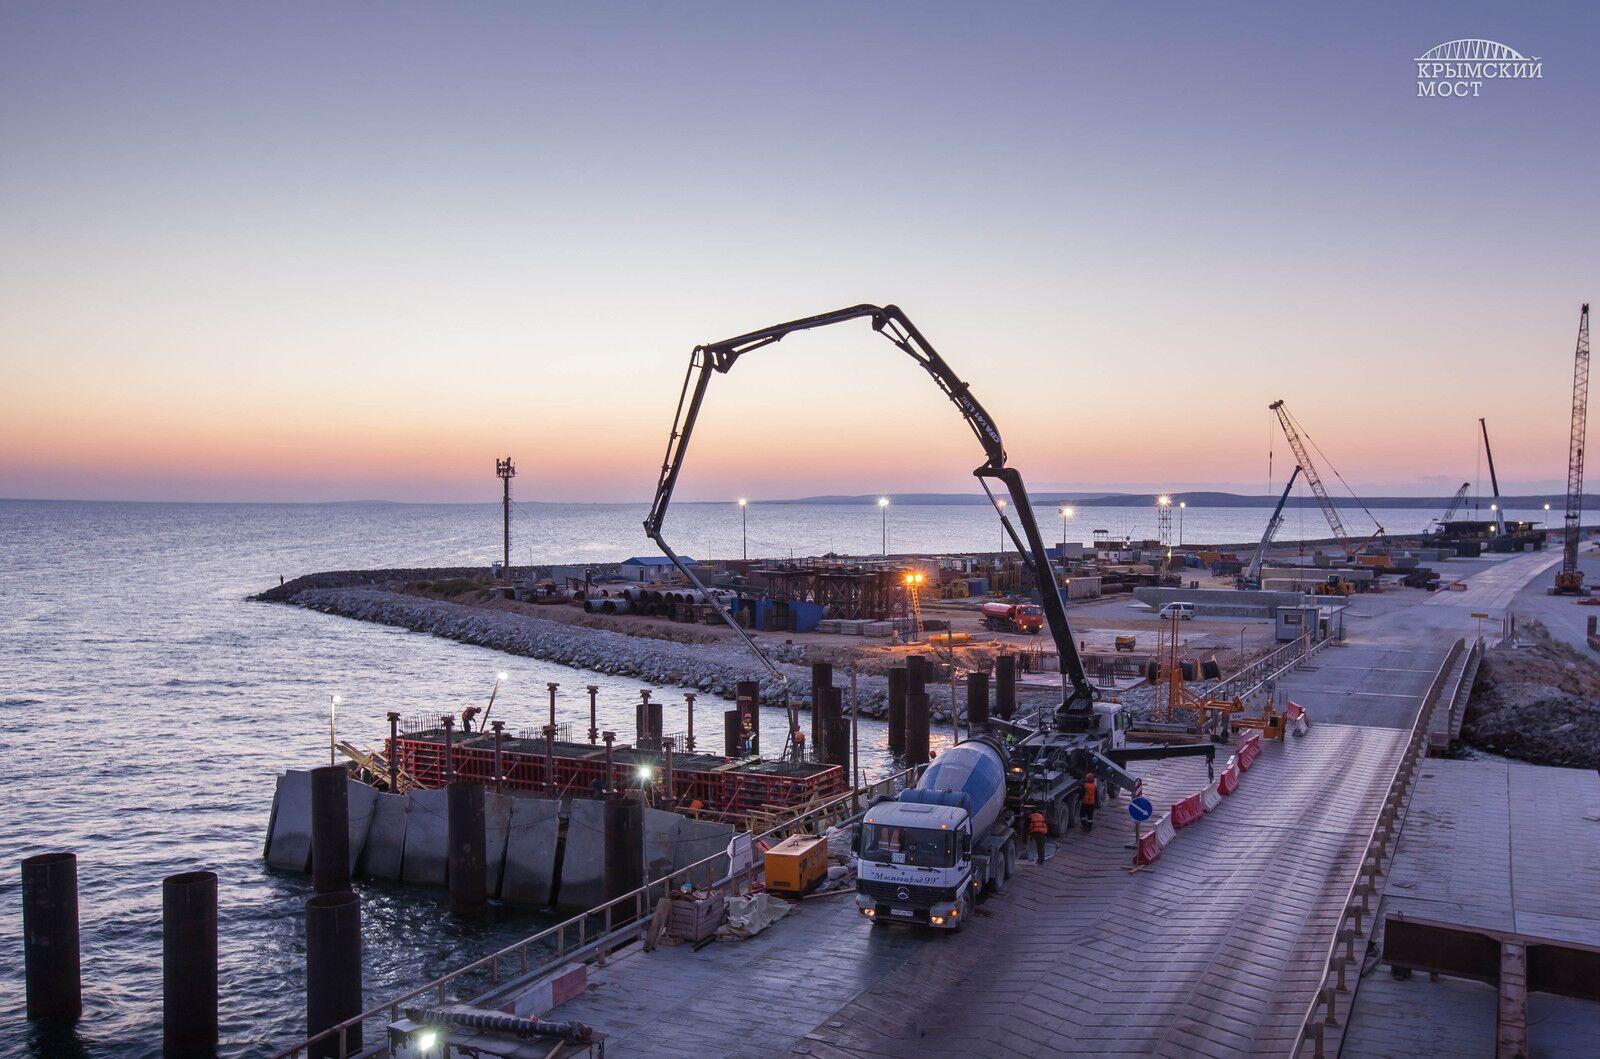 Українські фірми допомагали будувати Керченський міст - постпред Порошенка